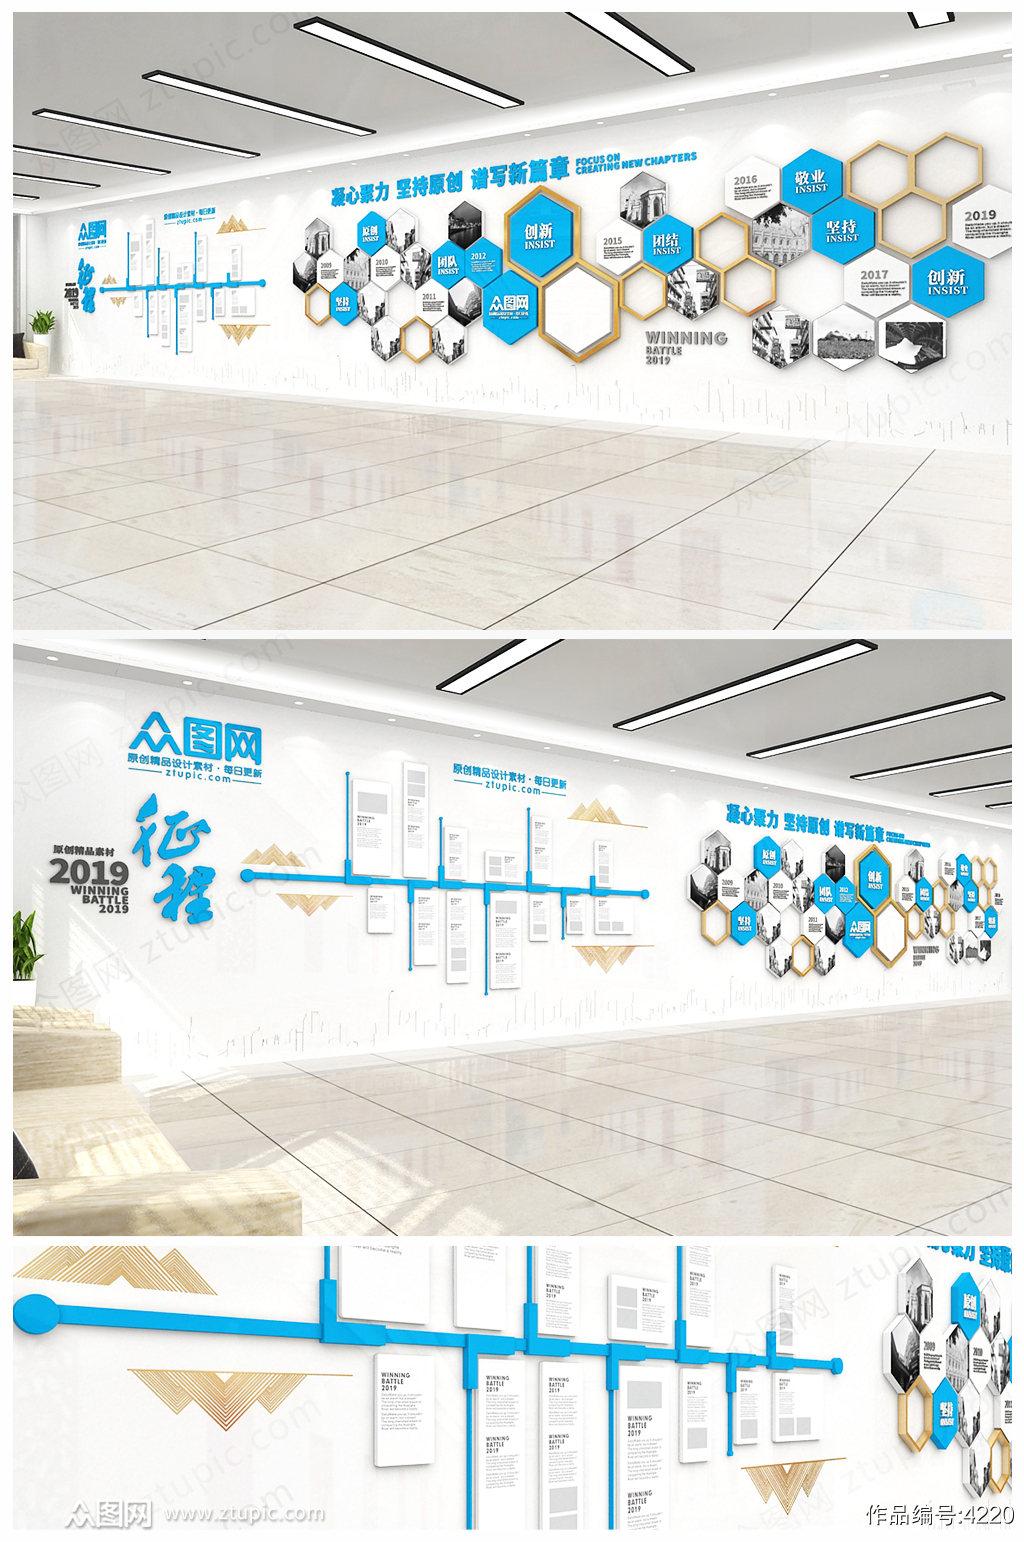 原创通用简洁企业历程办公形象墙立体企业文化墙素材